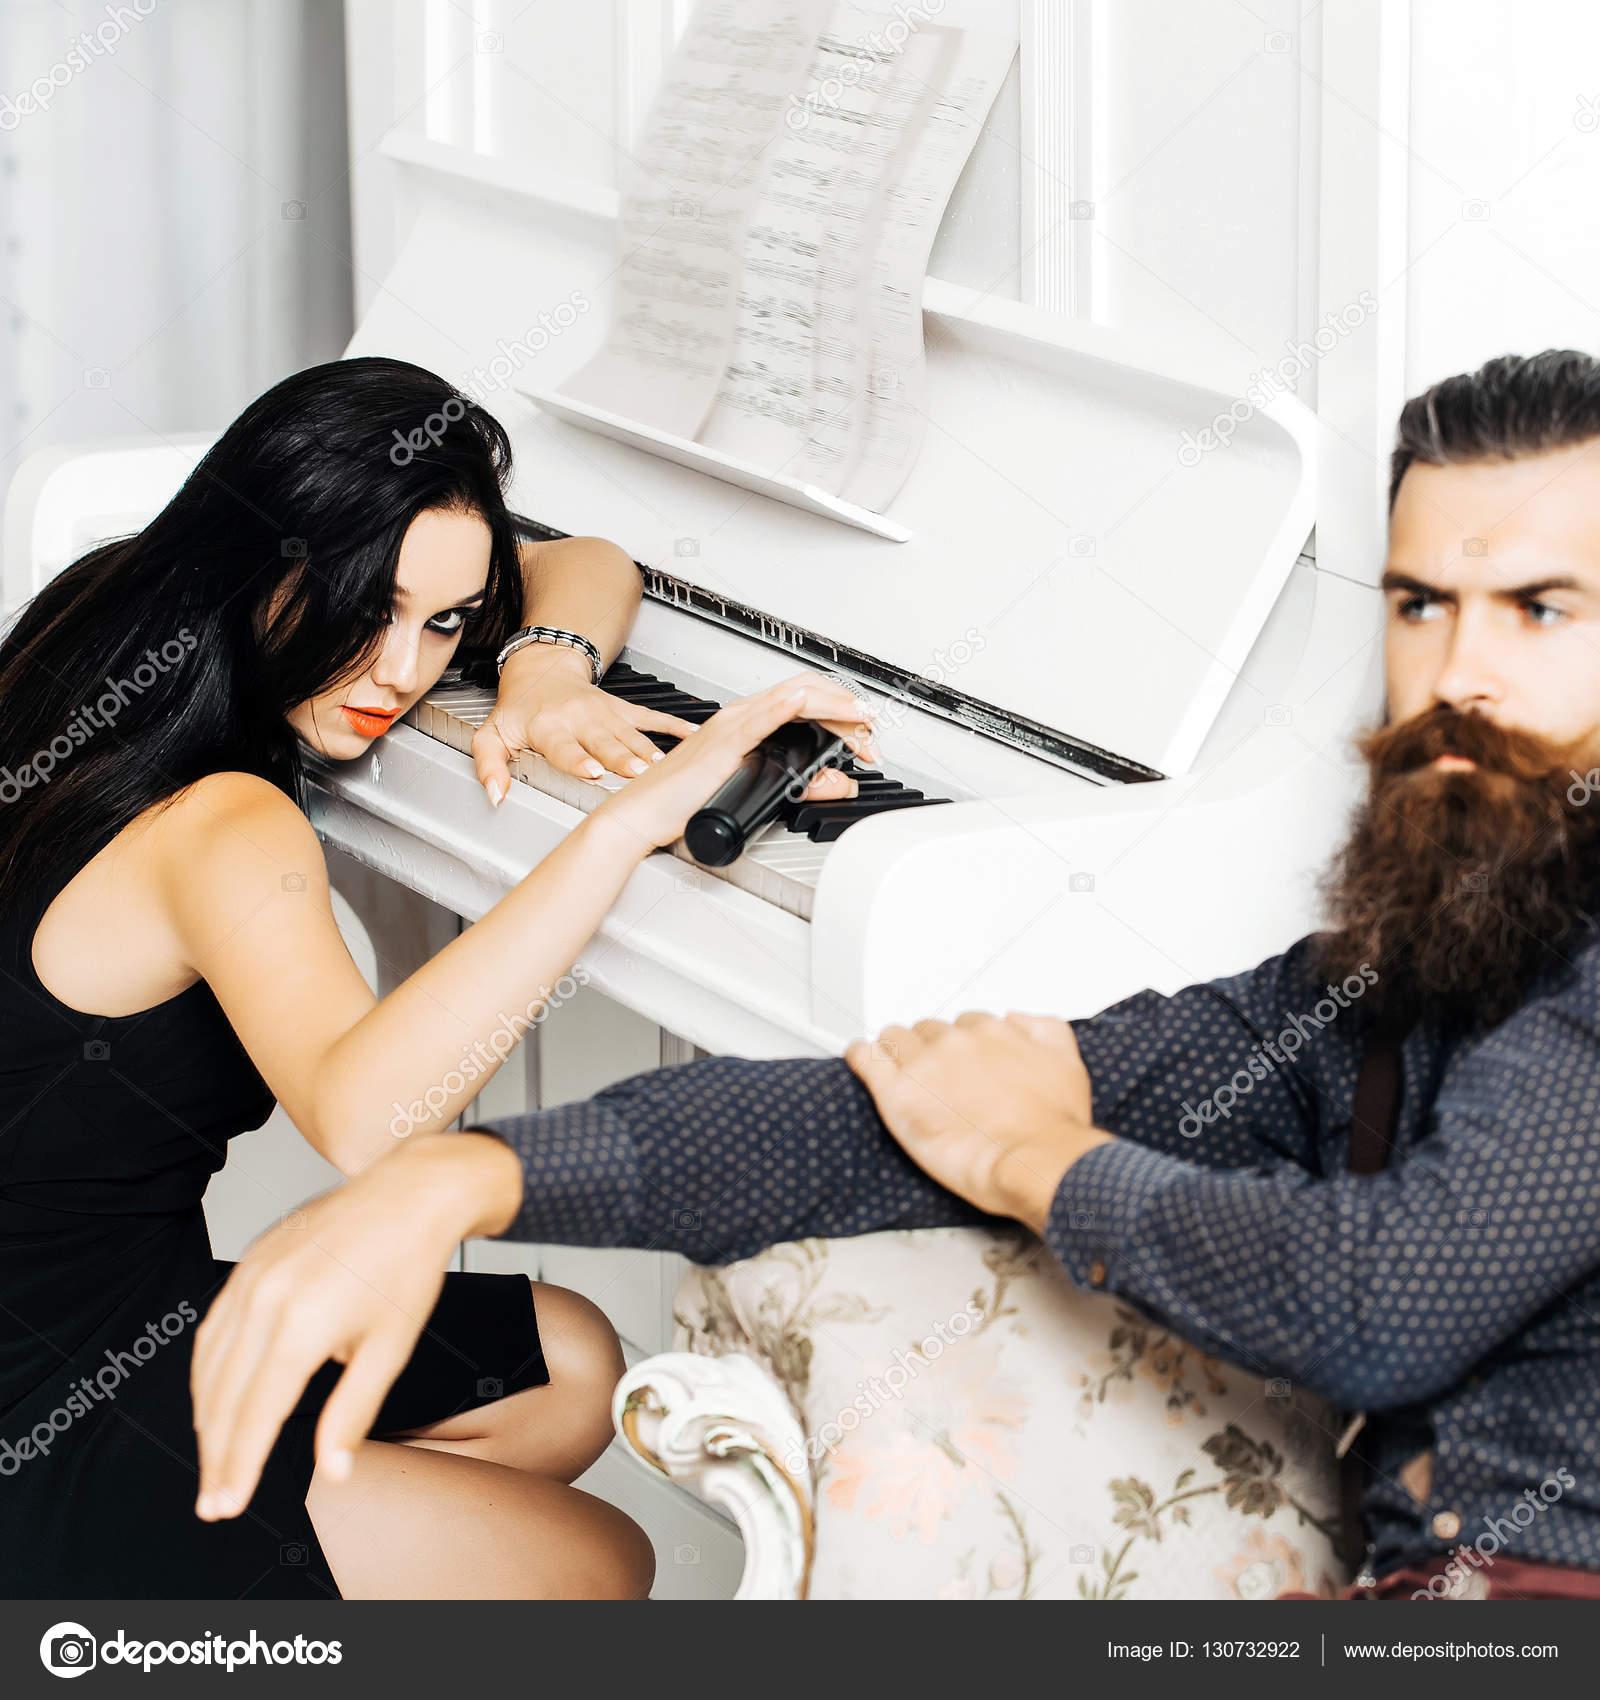 94283c072bca Muito sexy jovem garota com longos cabelos escuros vermelho batom no vestido  preto com microfone na mão se senta no piano branco e bonito homem barbudo  na ...